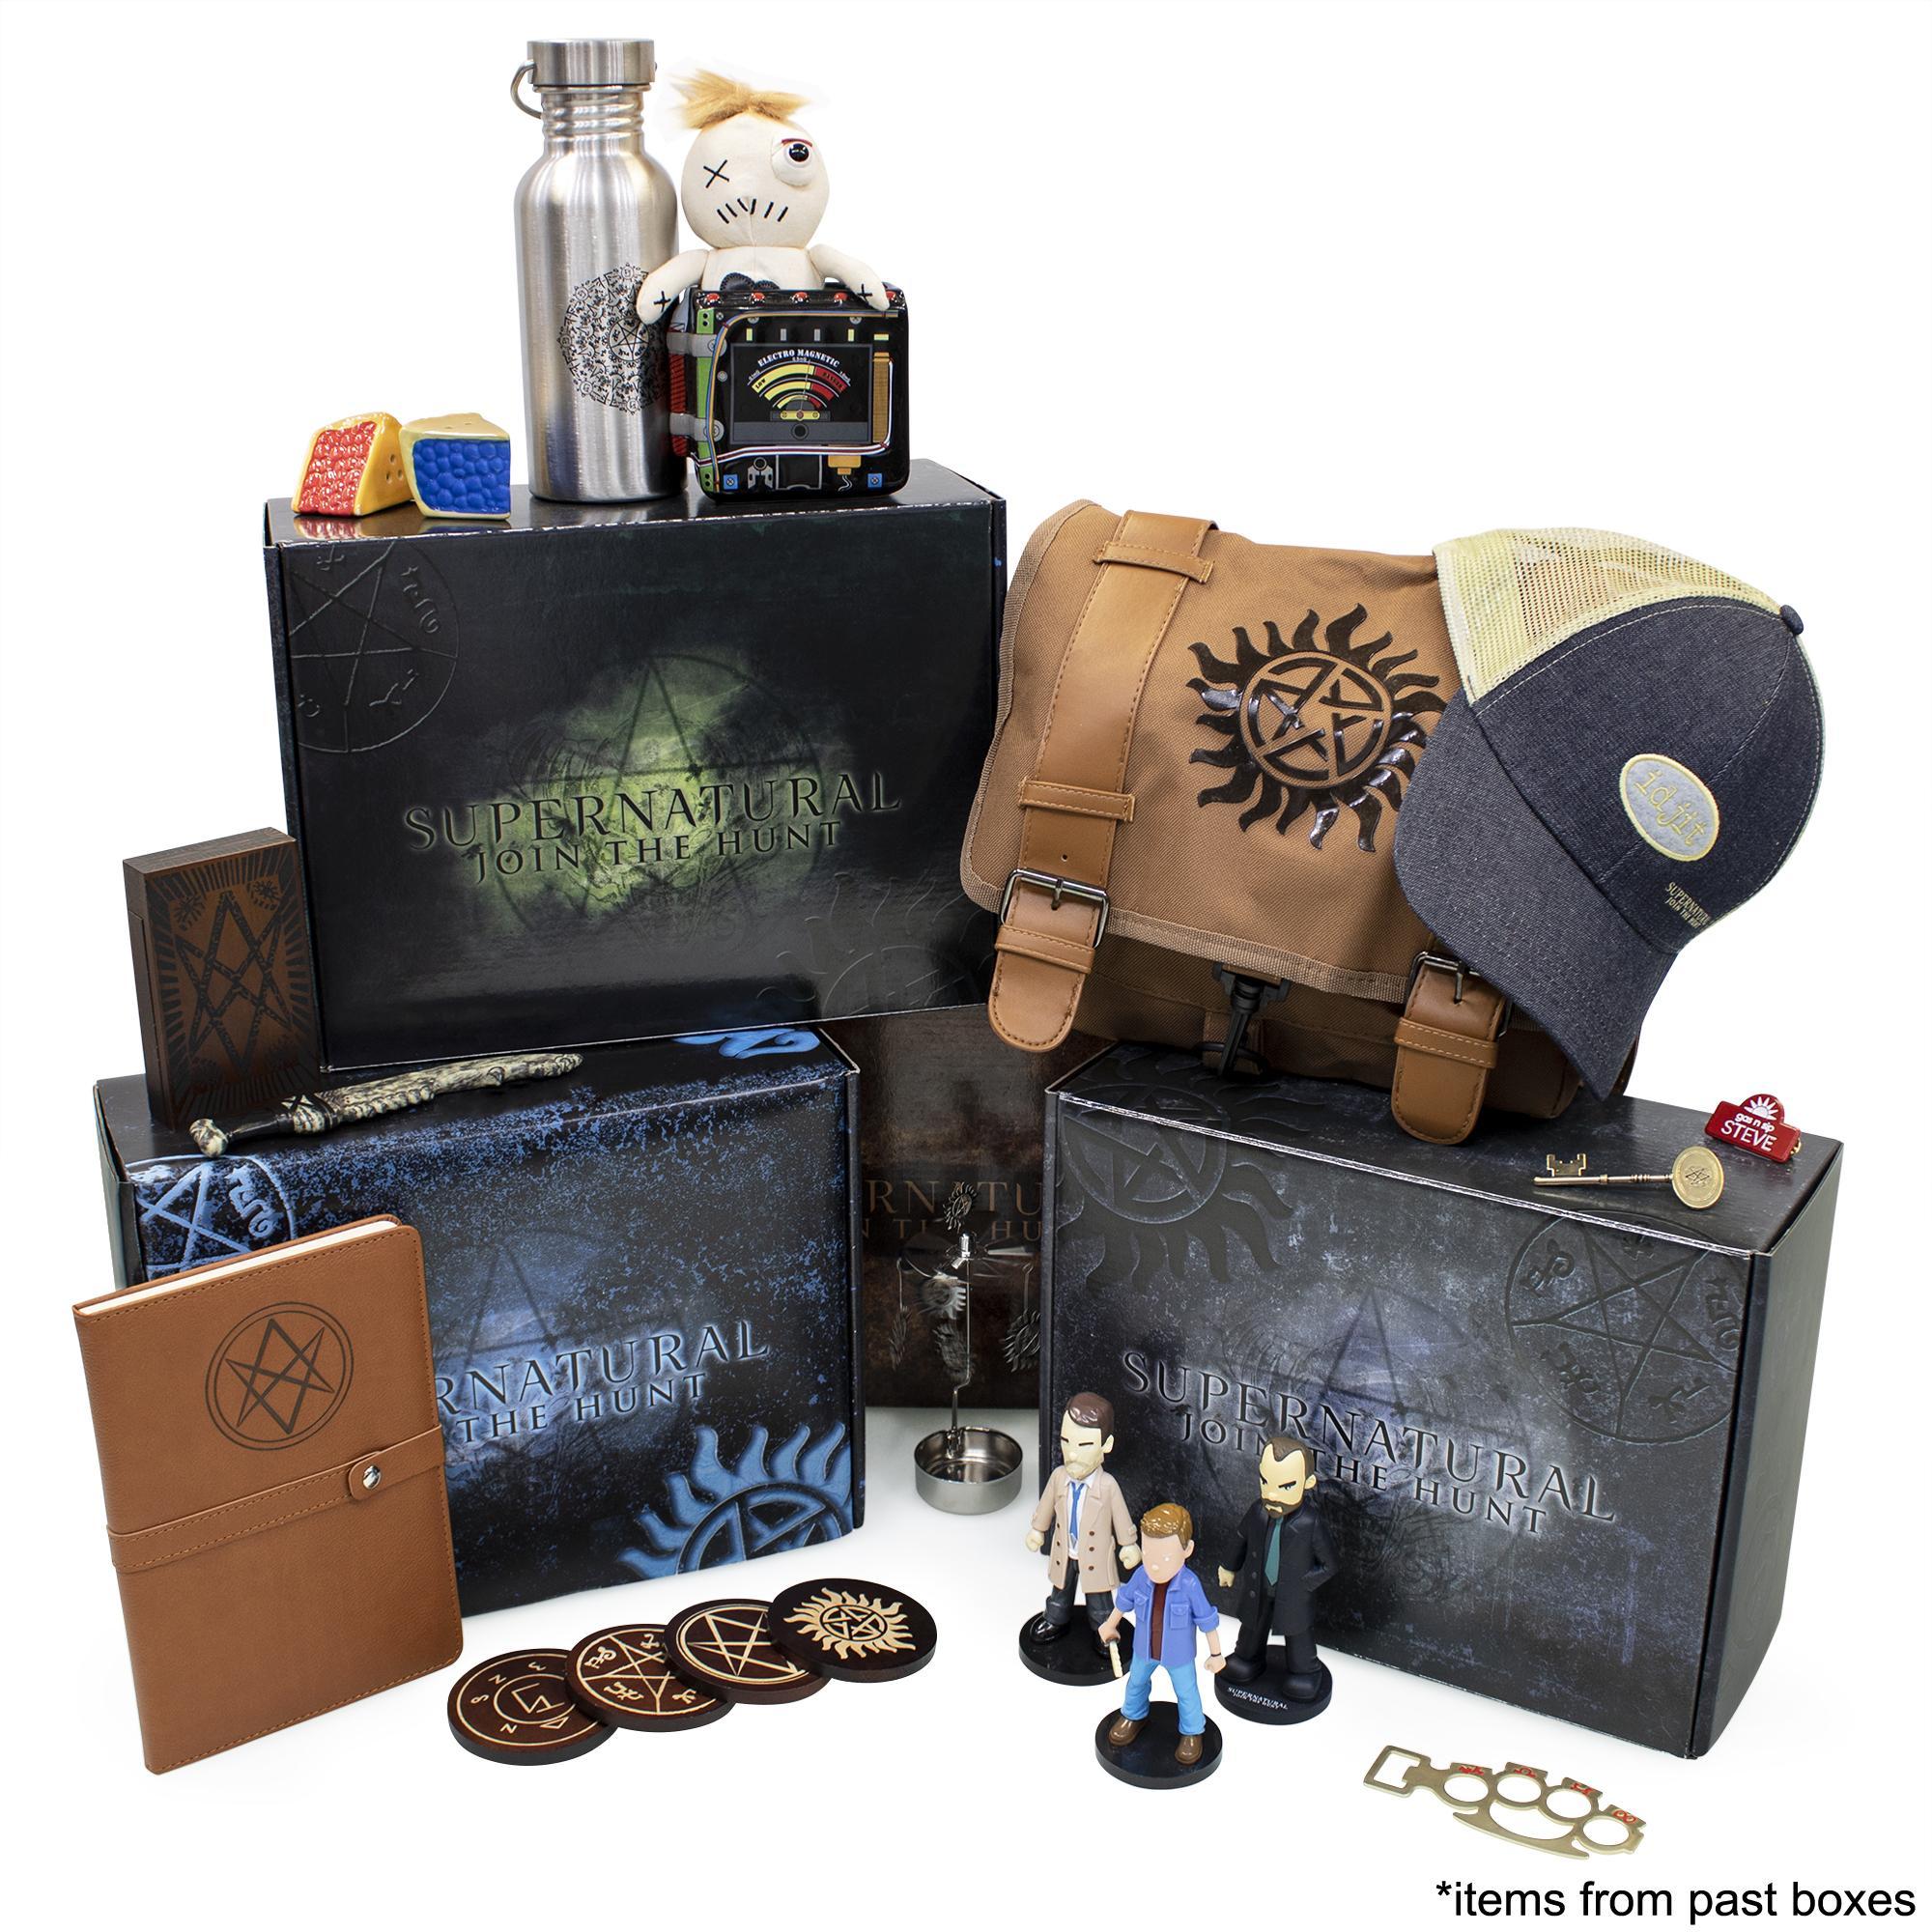 Supernatural Subscription Box